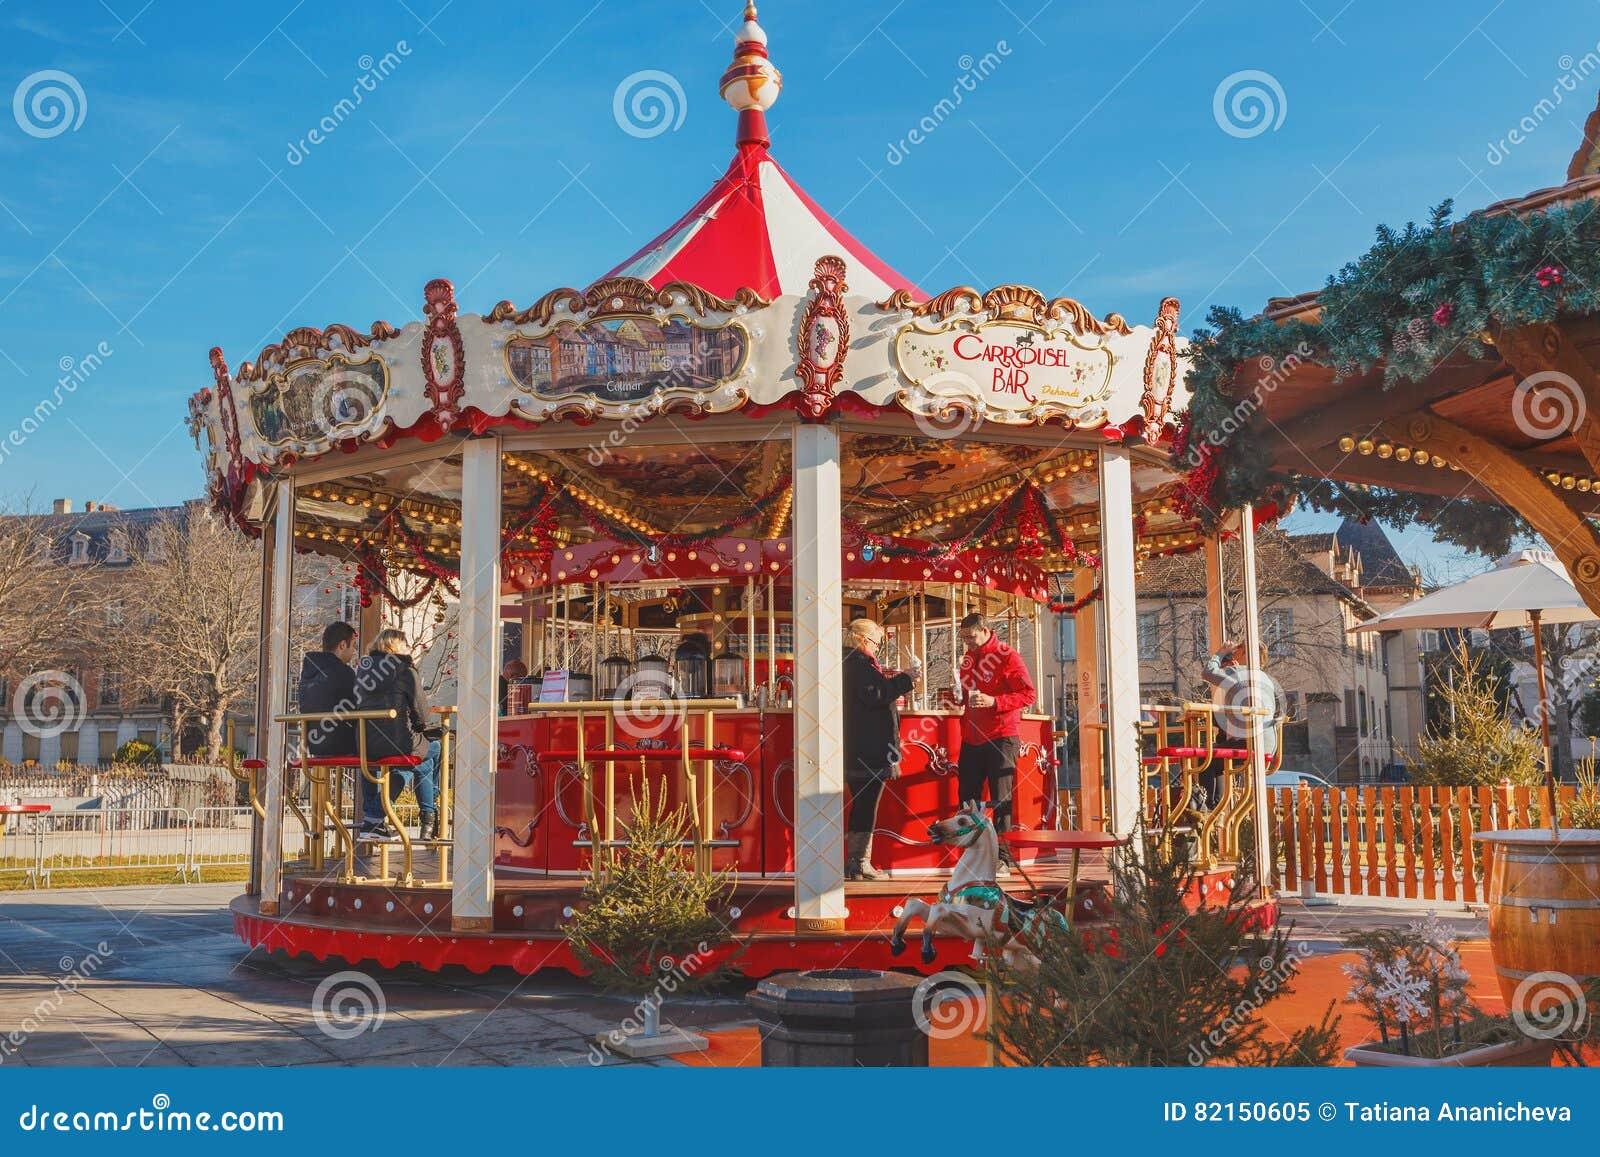 Colmar Weihnachtsmarkt.Weihnachtsmarkt In Colmar Redaktionelles Bild Bild Von Glas 82150605